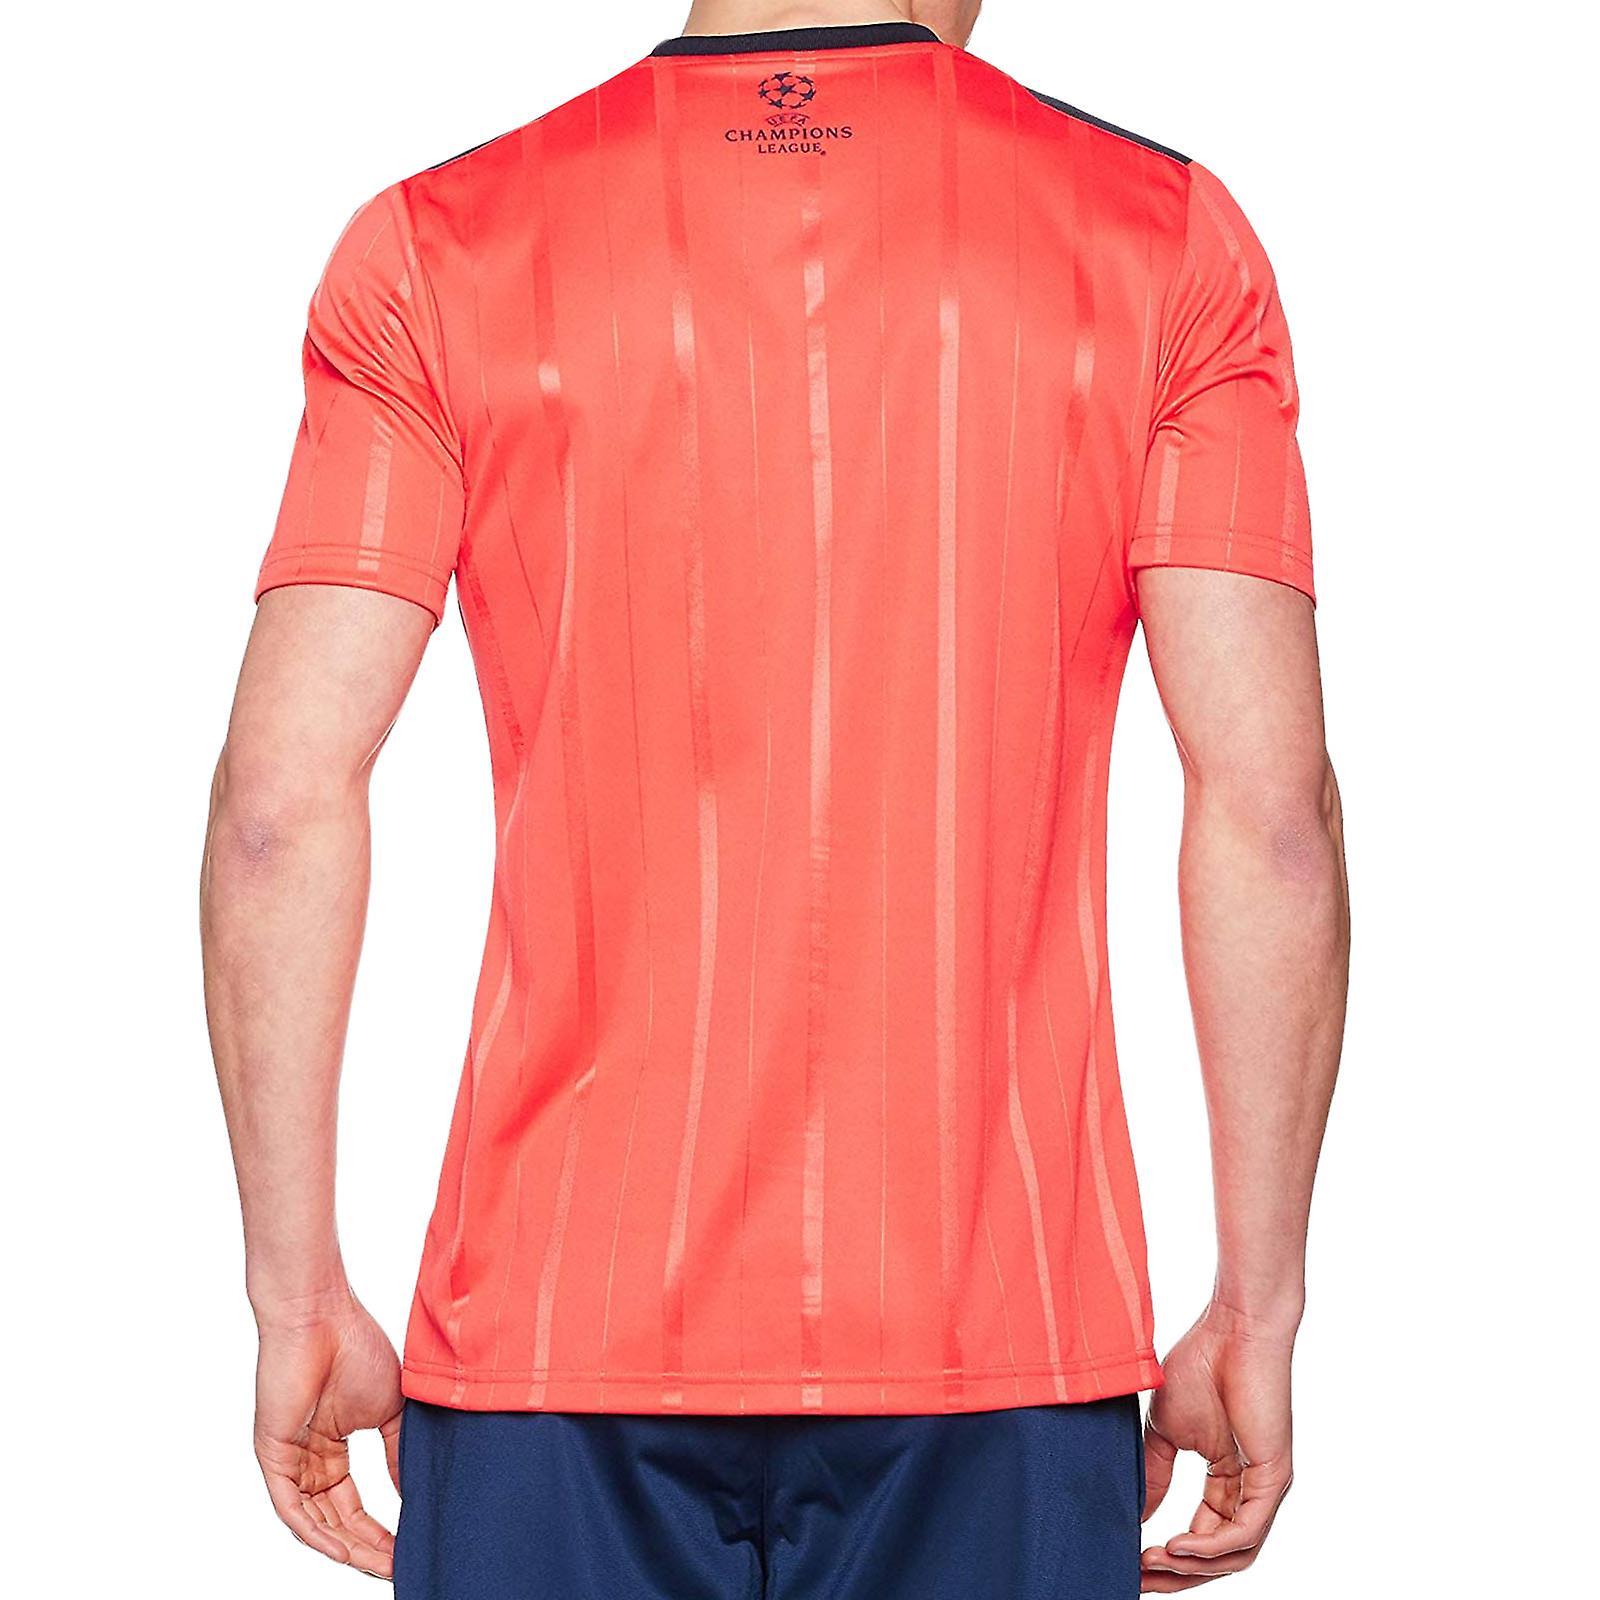 Adidas Performance heren Climacool korte mouw UCL voetbal scheidsrechter Jersey - rood